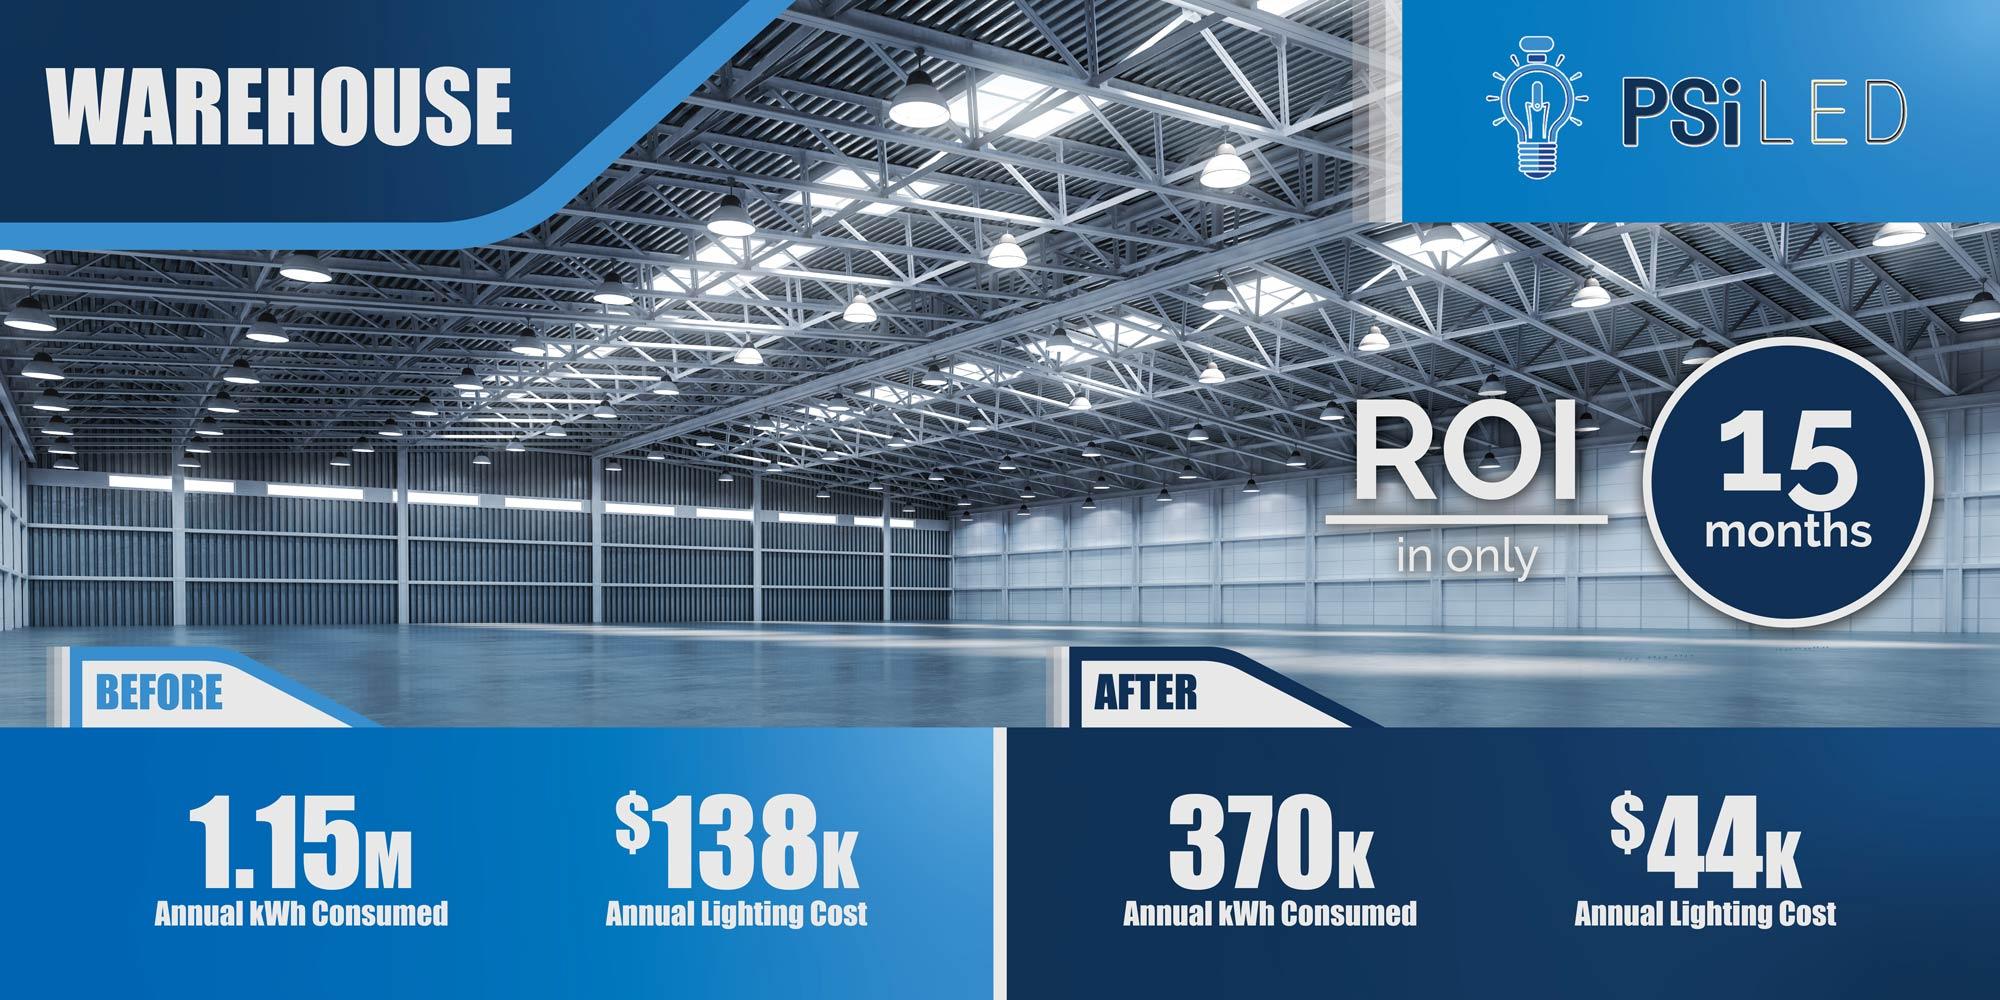 ROI-Warehouse-01-1